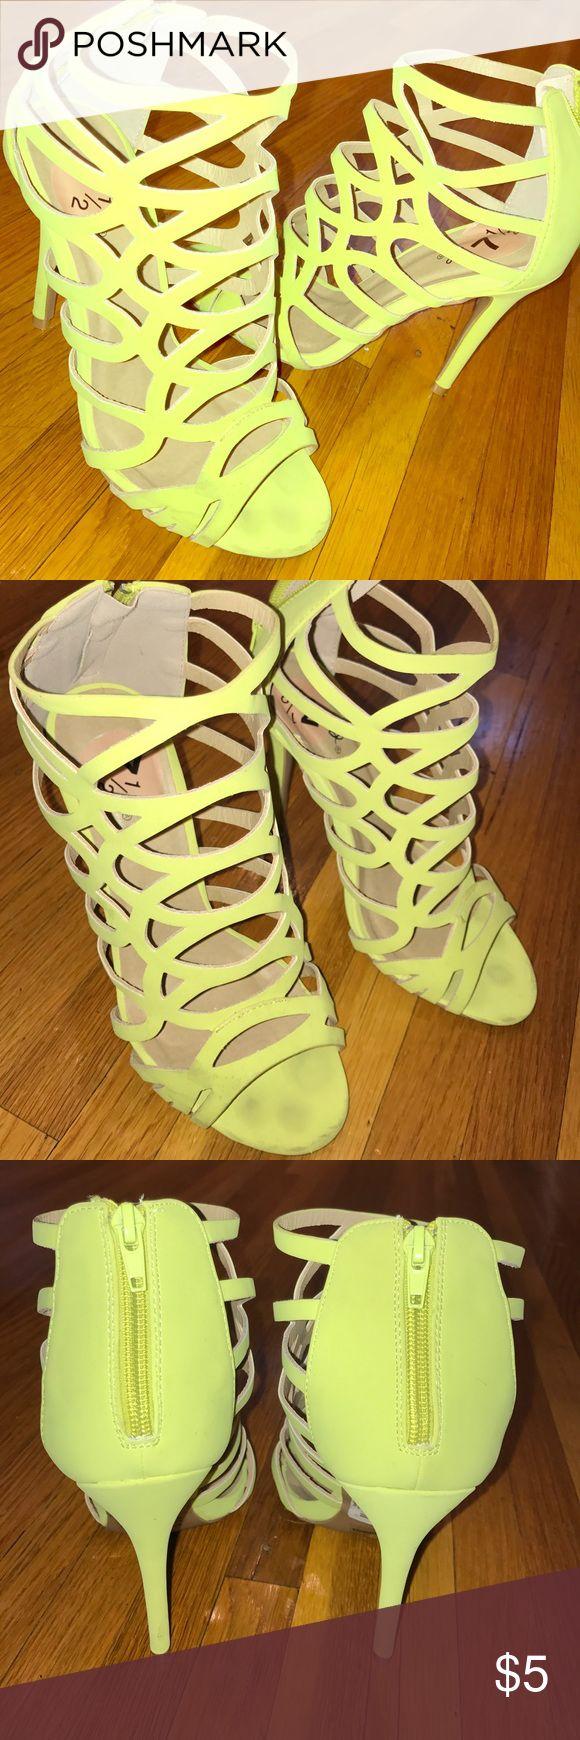 Neon yellow heels Neon yellow heels, super unique and comfy. Worn once! Shoes Heels